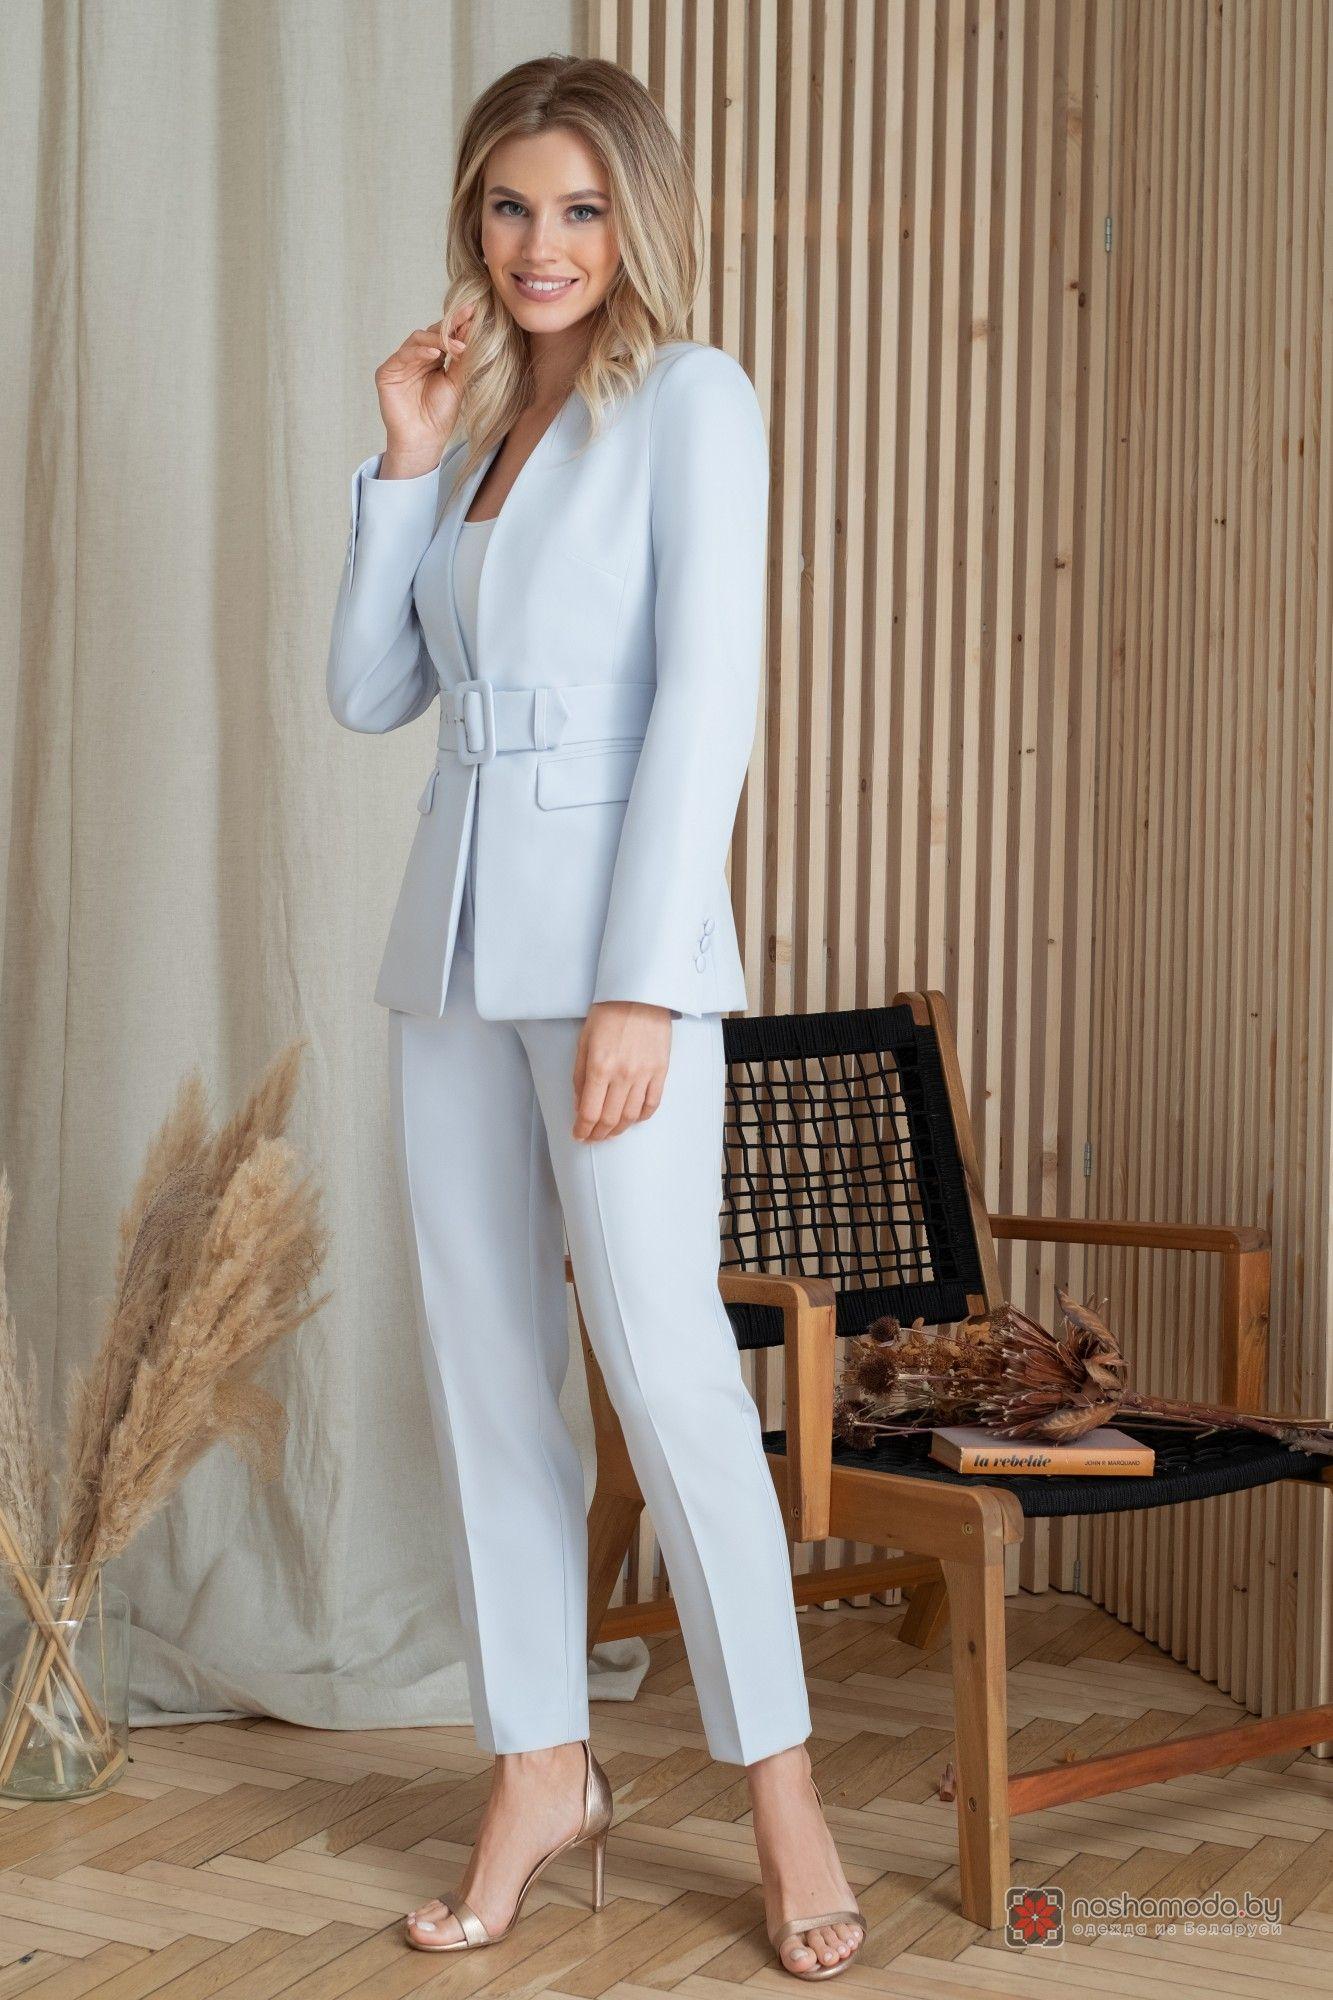 Модели костюма для работы для женщин violeta viola